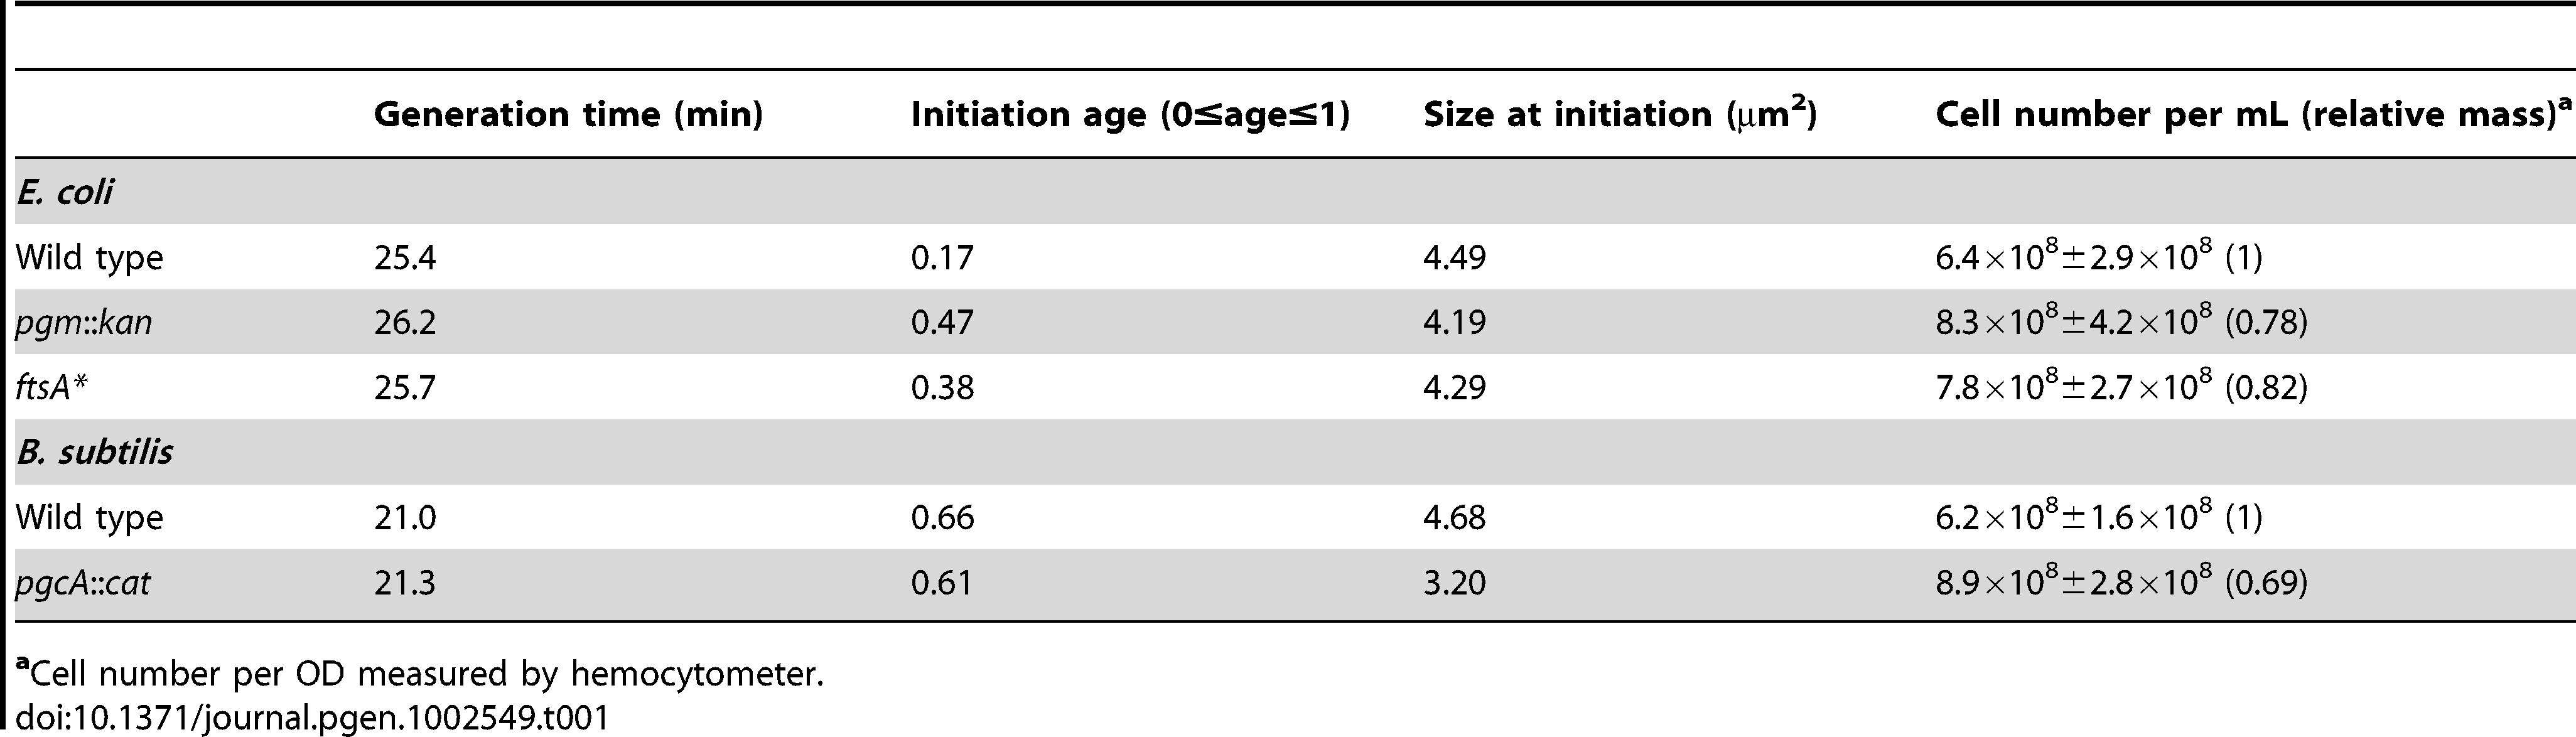 Initiation age and mass of <i>E. coli</i> and <i>B. subtilis</i> cells in LB.